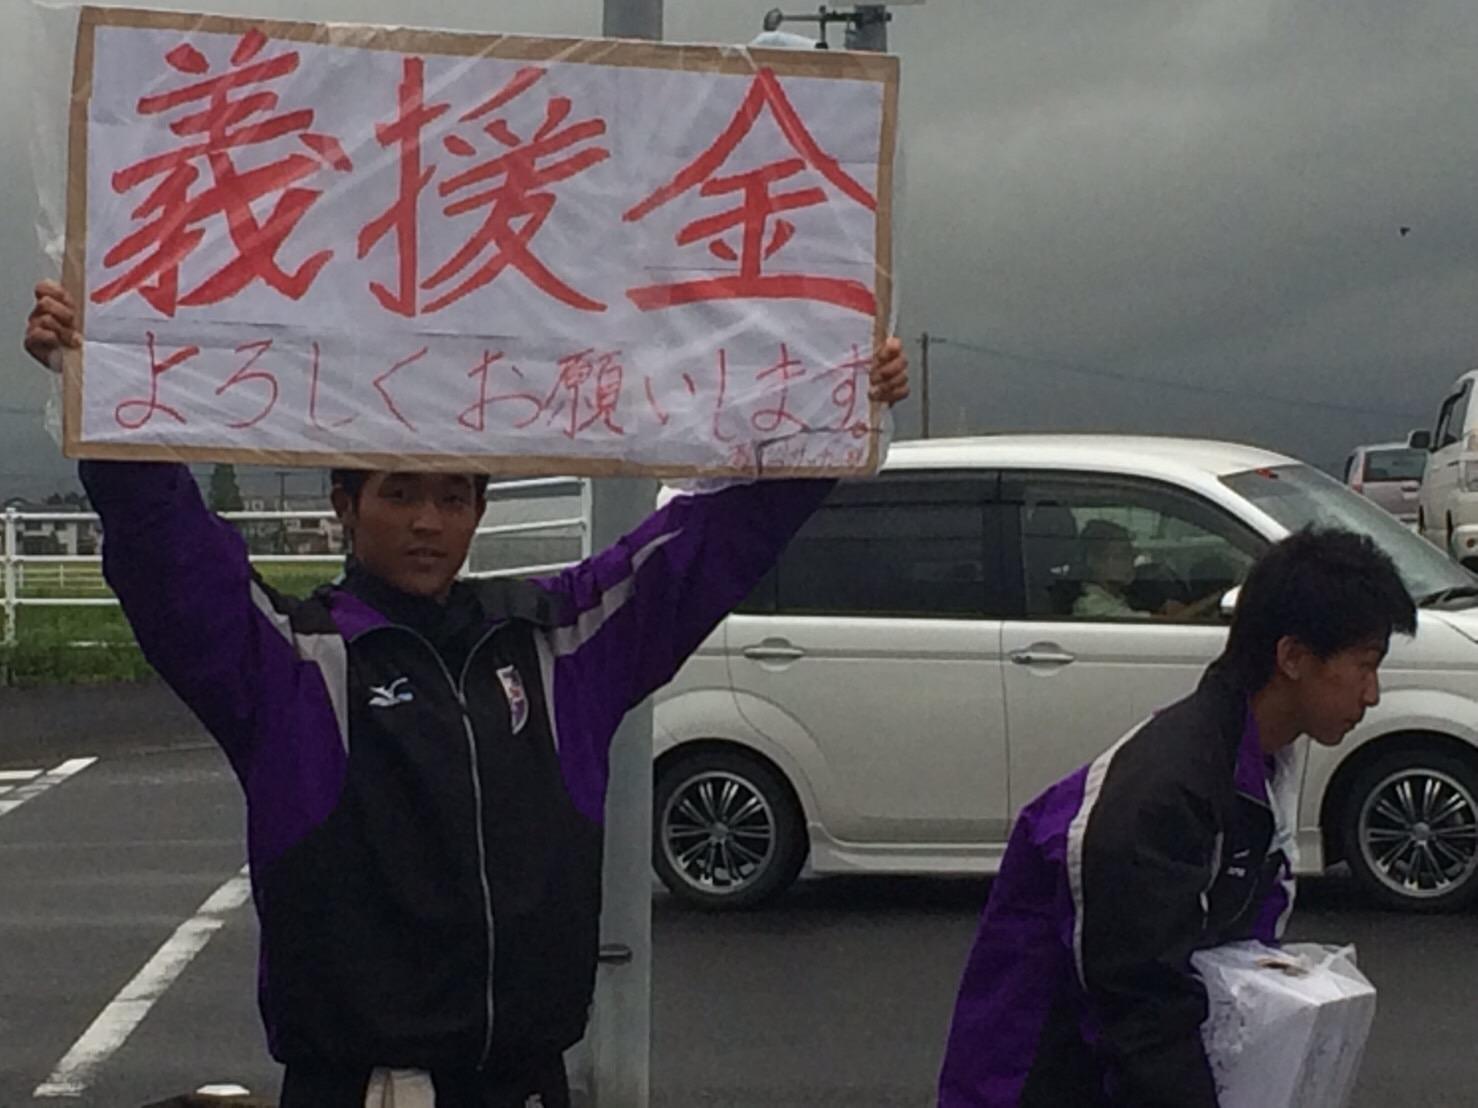 熊本震災支援活動52